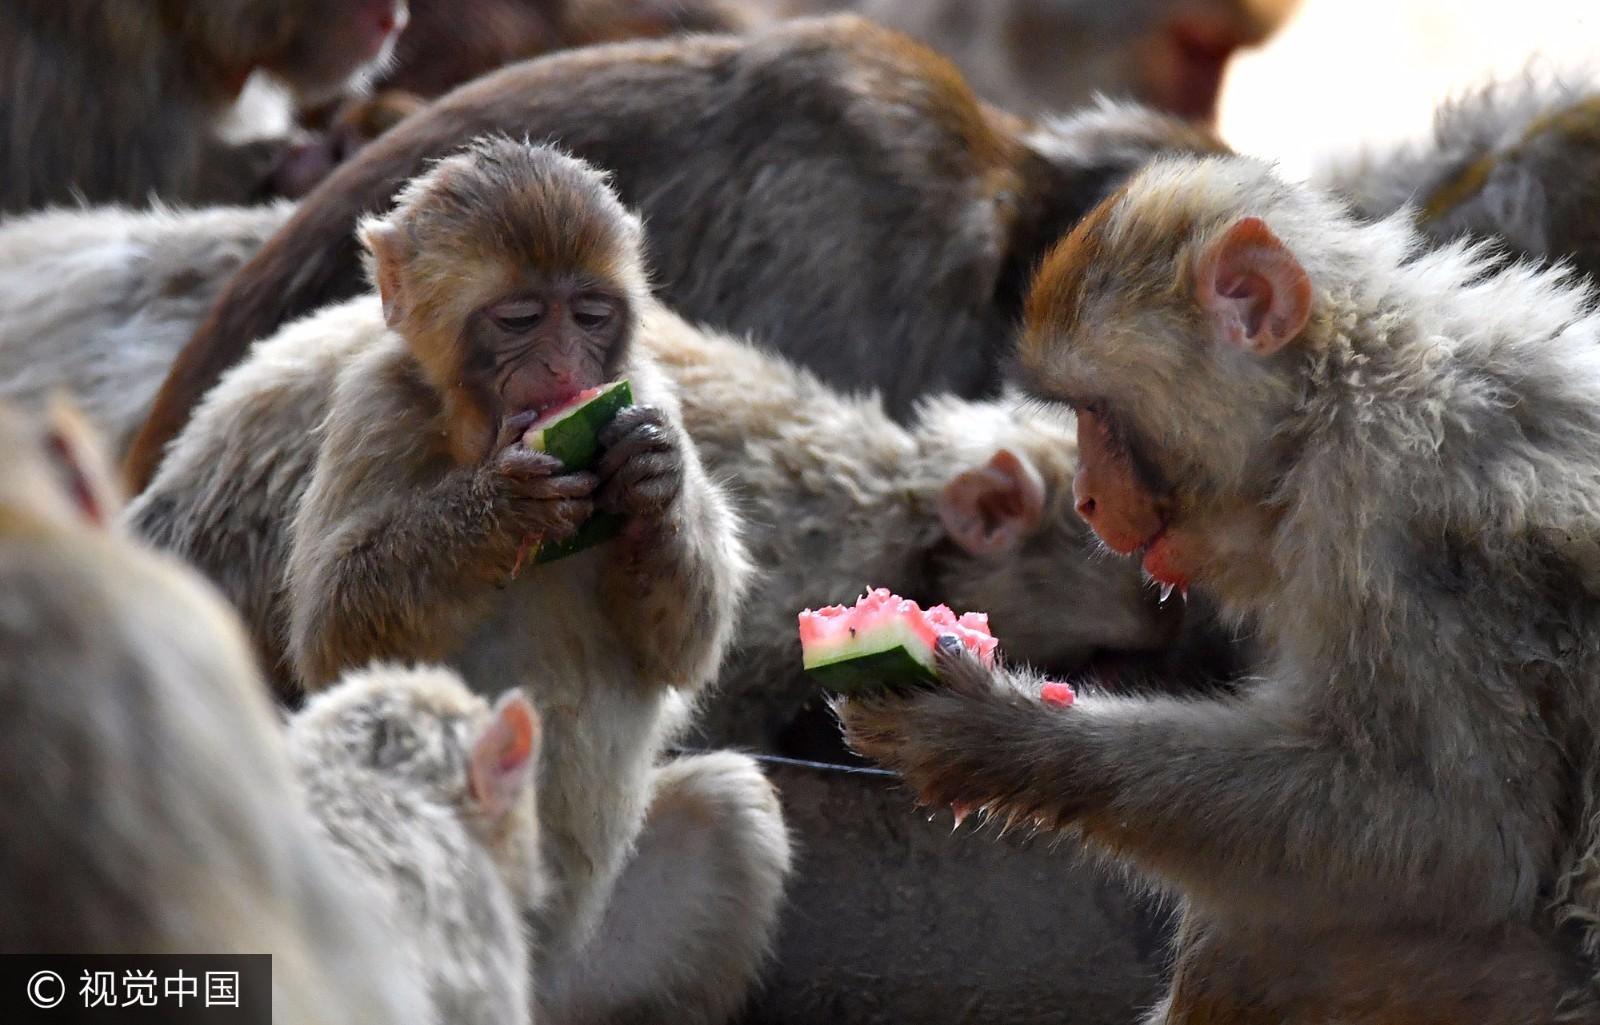 萌翻了!伏天高温来袭猴子们动物园内开水果大趴